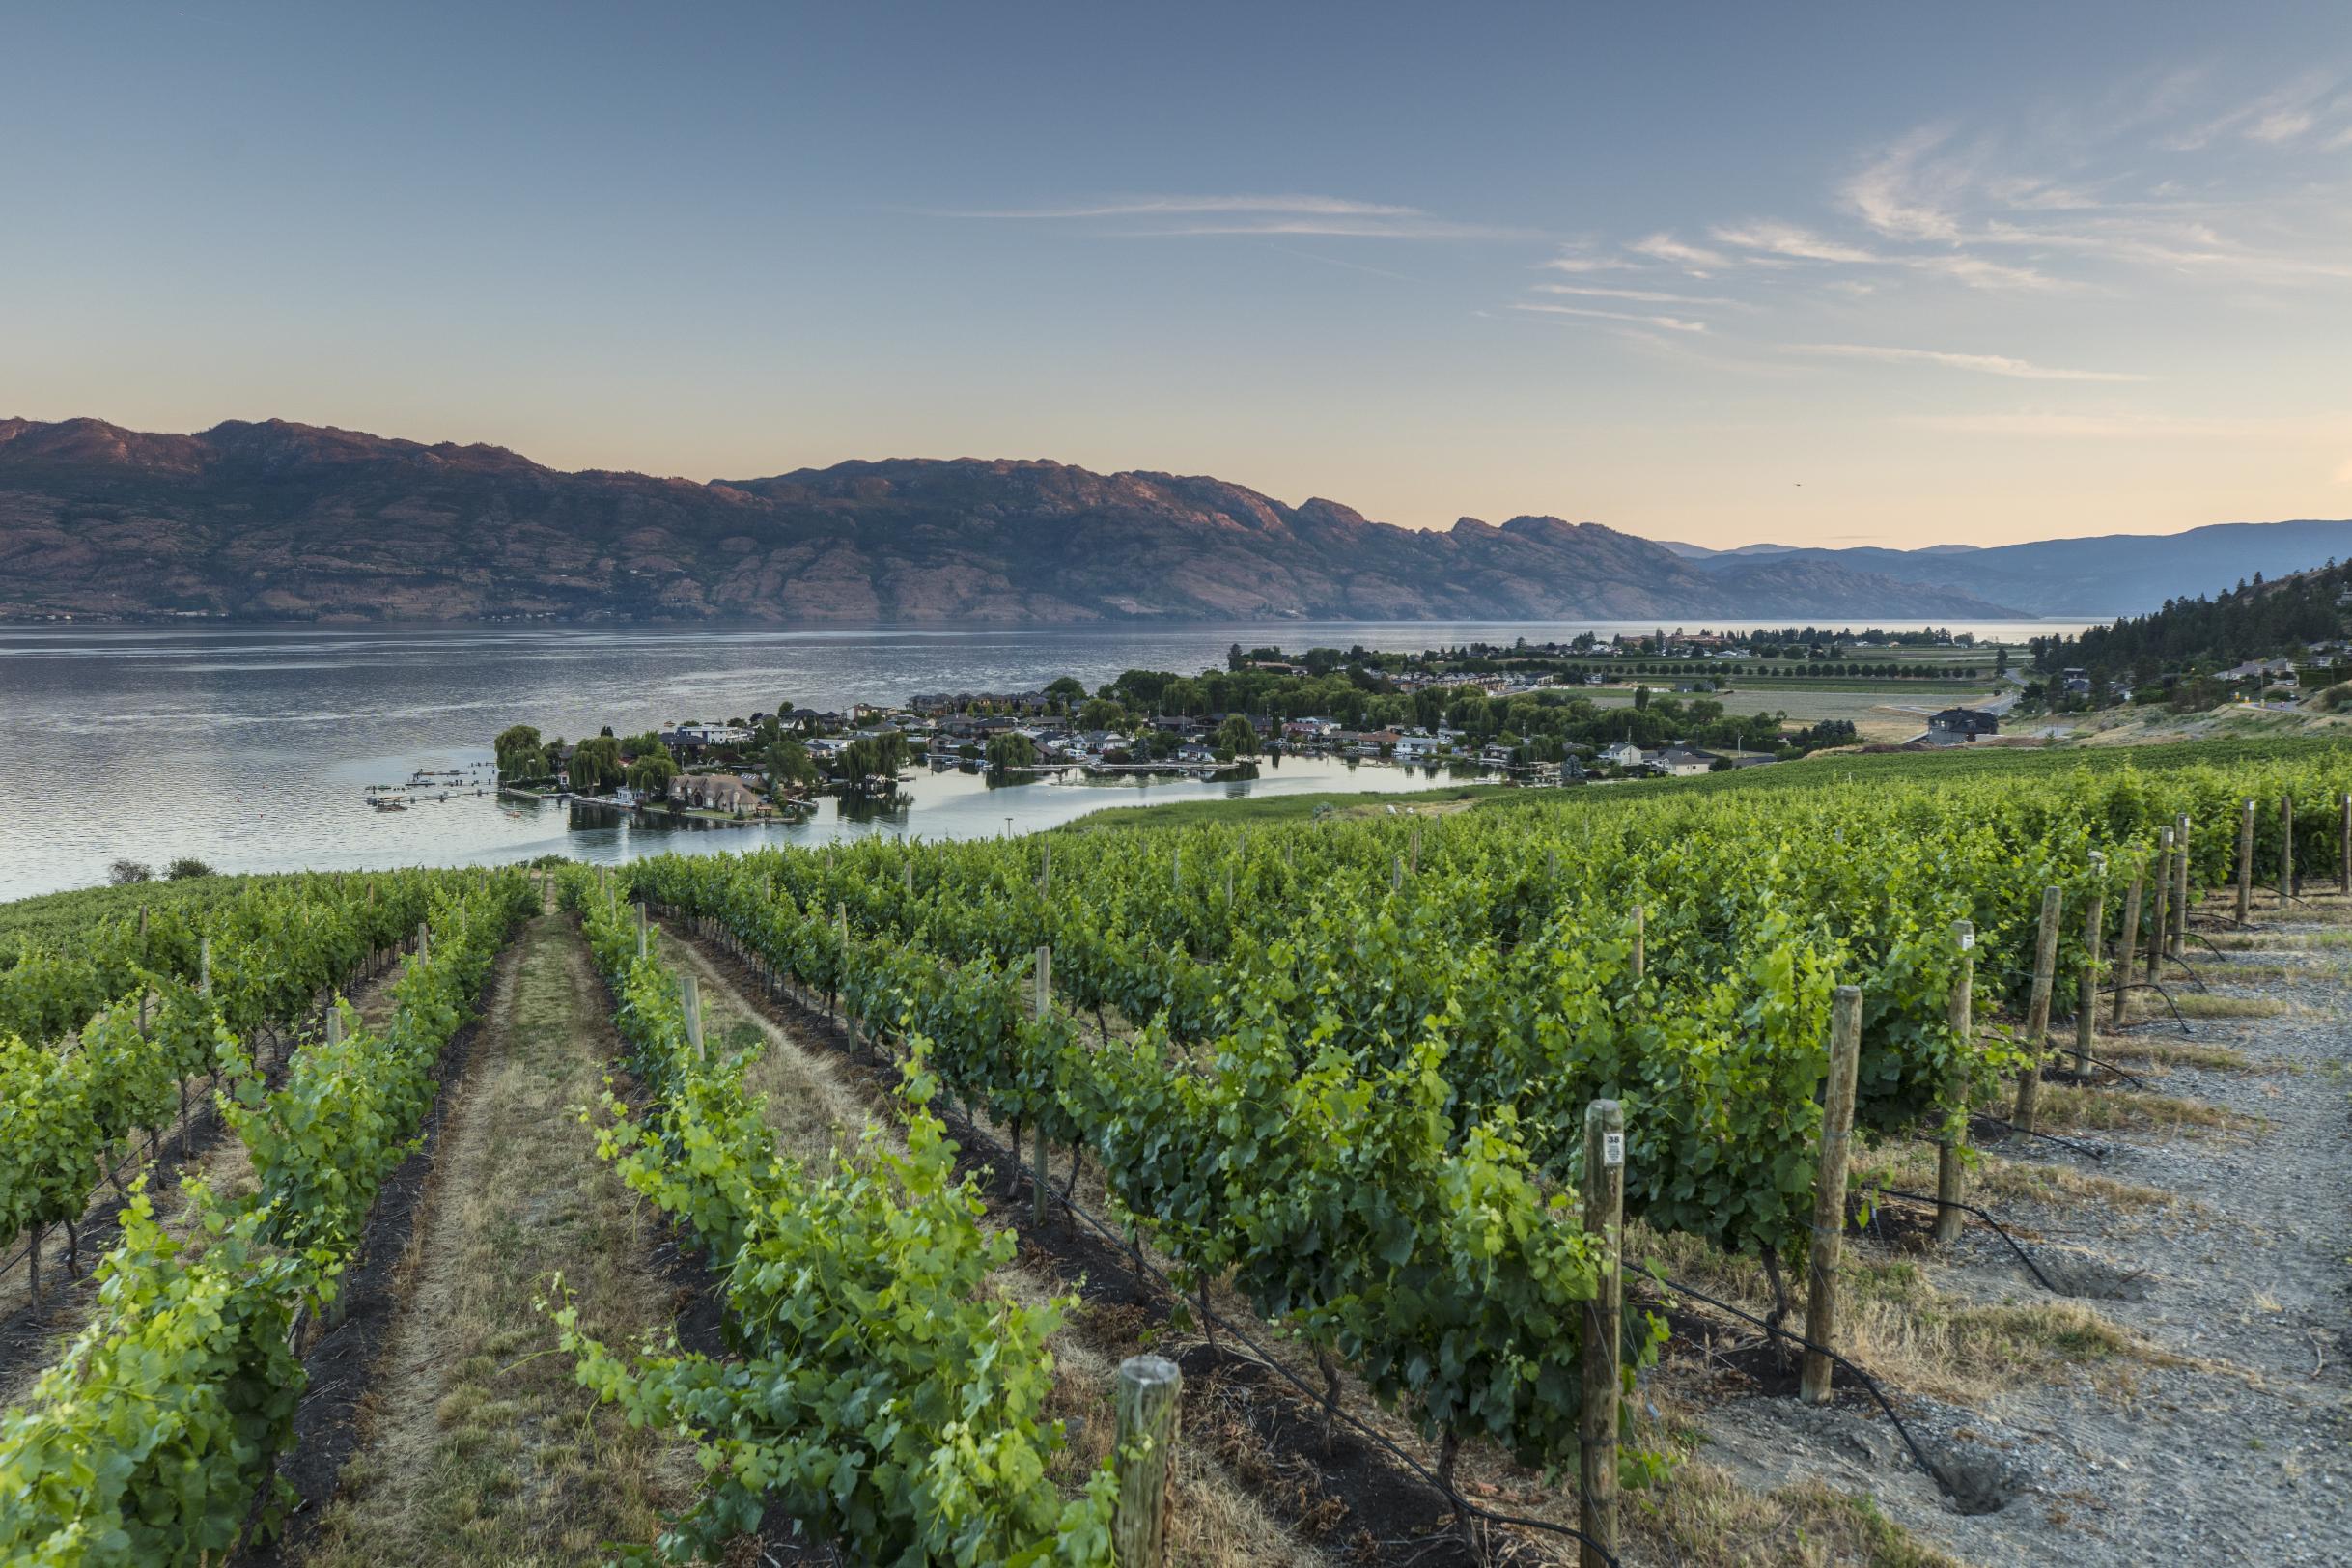 West Kelowna Vineyards